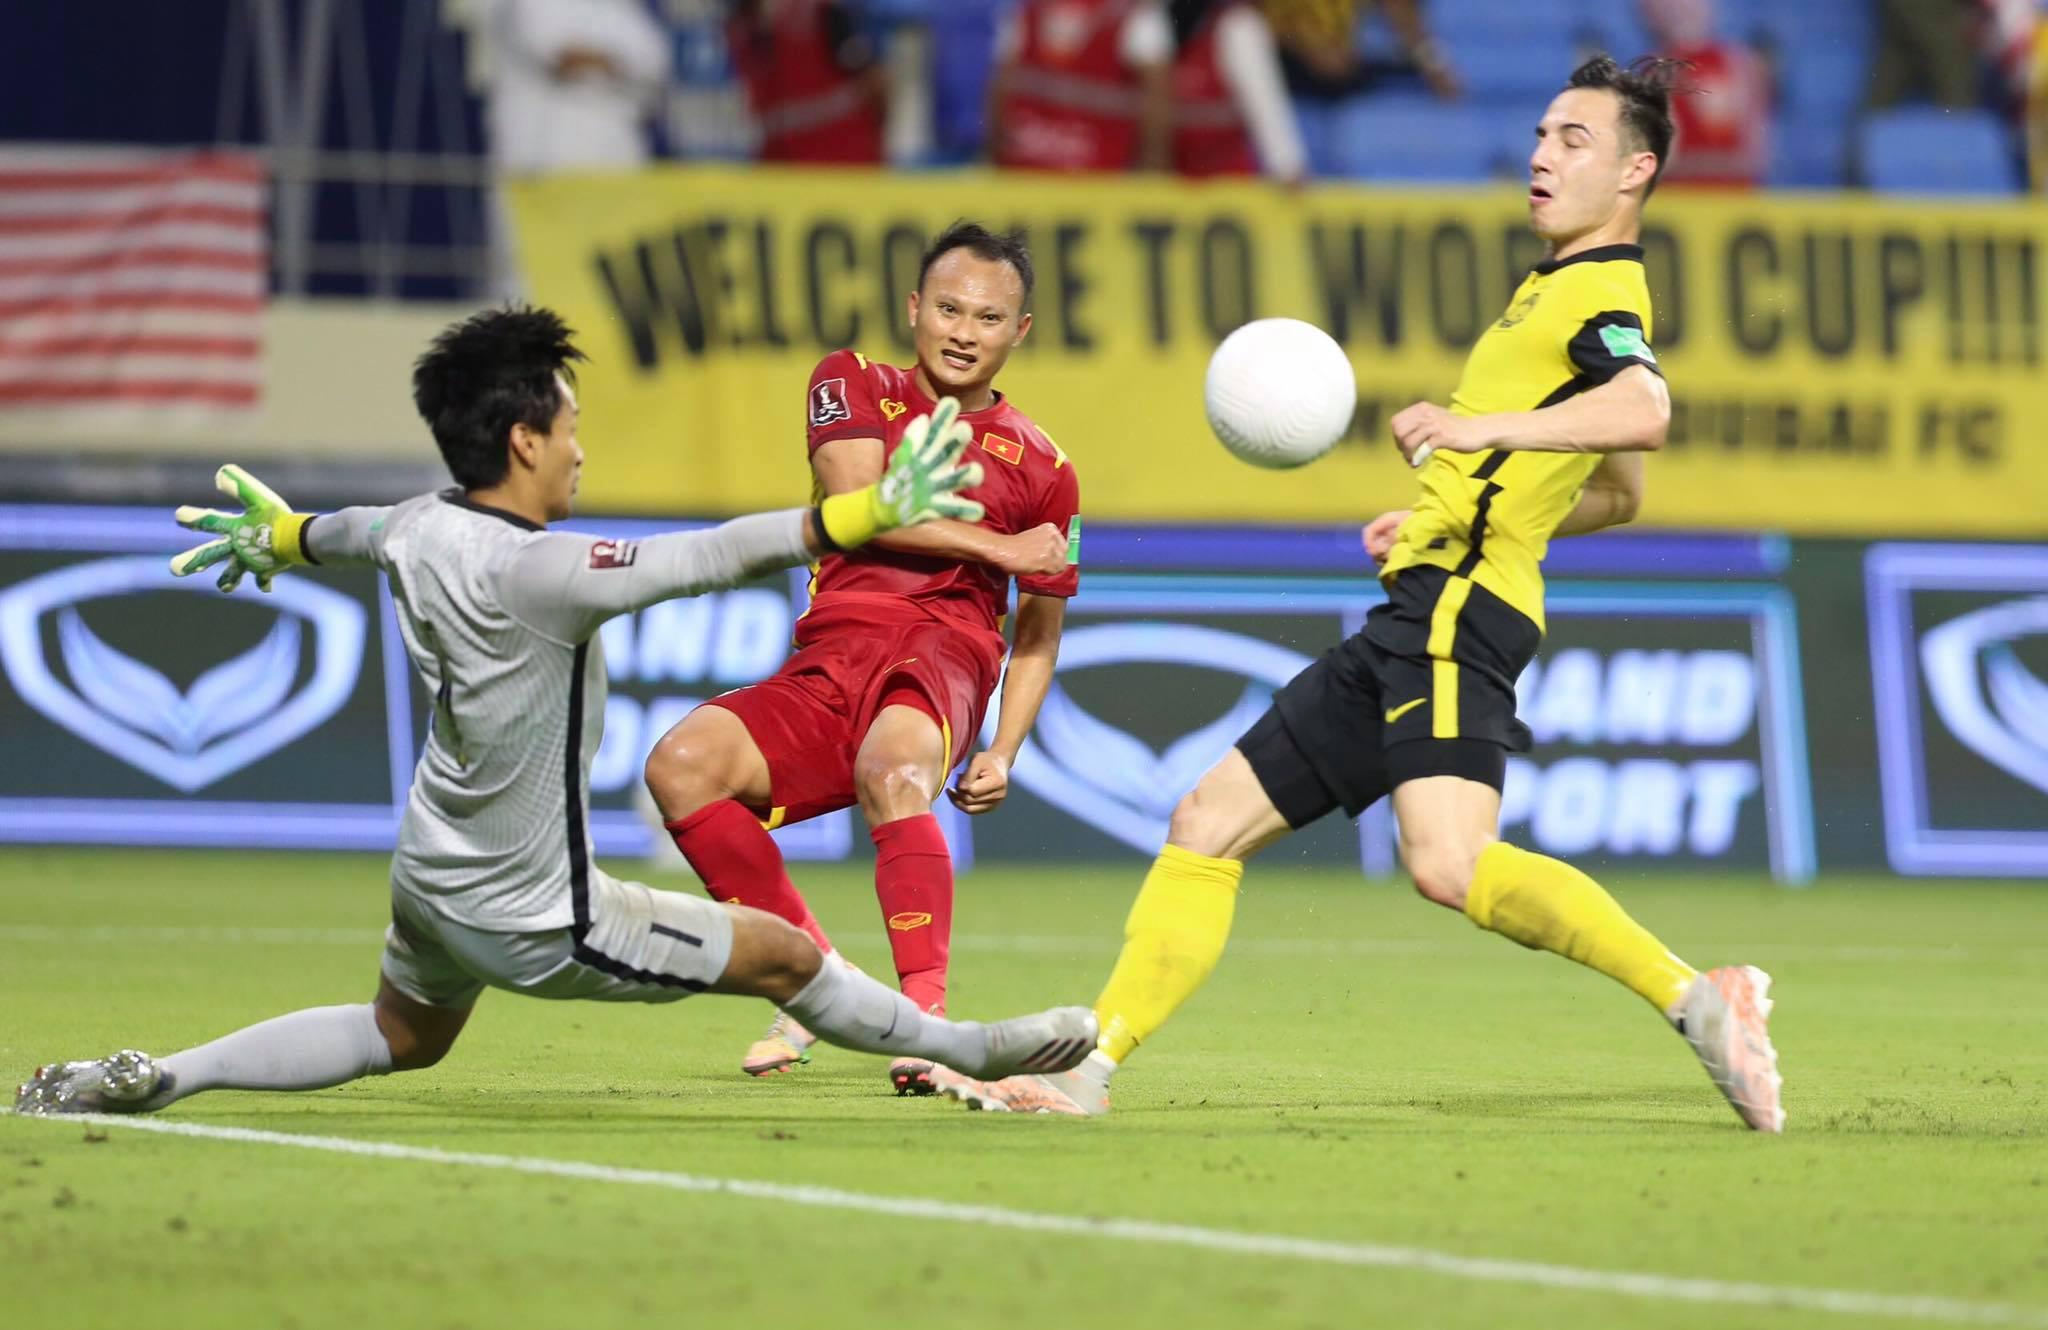 Malaysia được xem là đối thủ số 1 của ĐT Việt Nam ở bảng B AFF Cup 2020 - Ảnh: Minh Anh